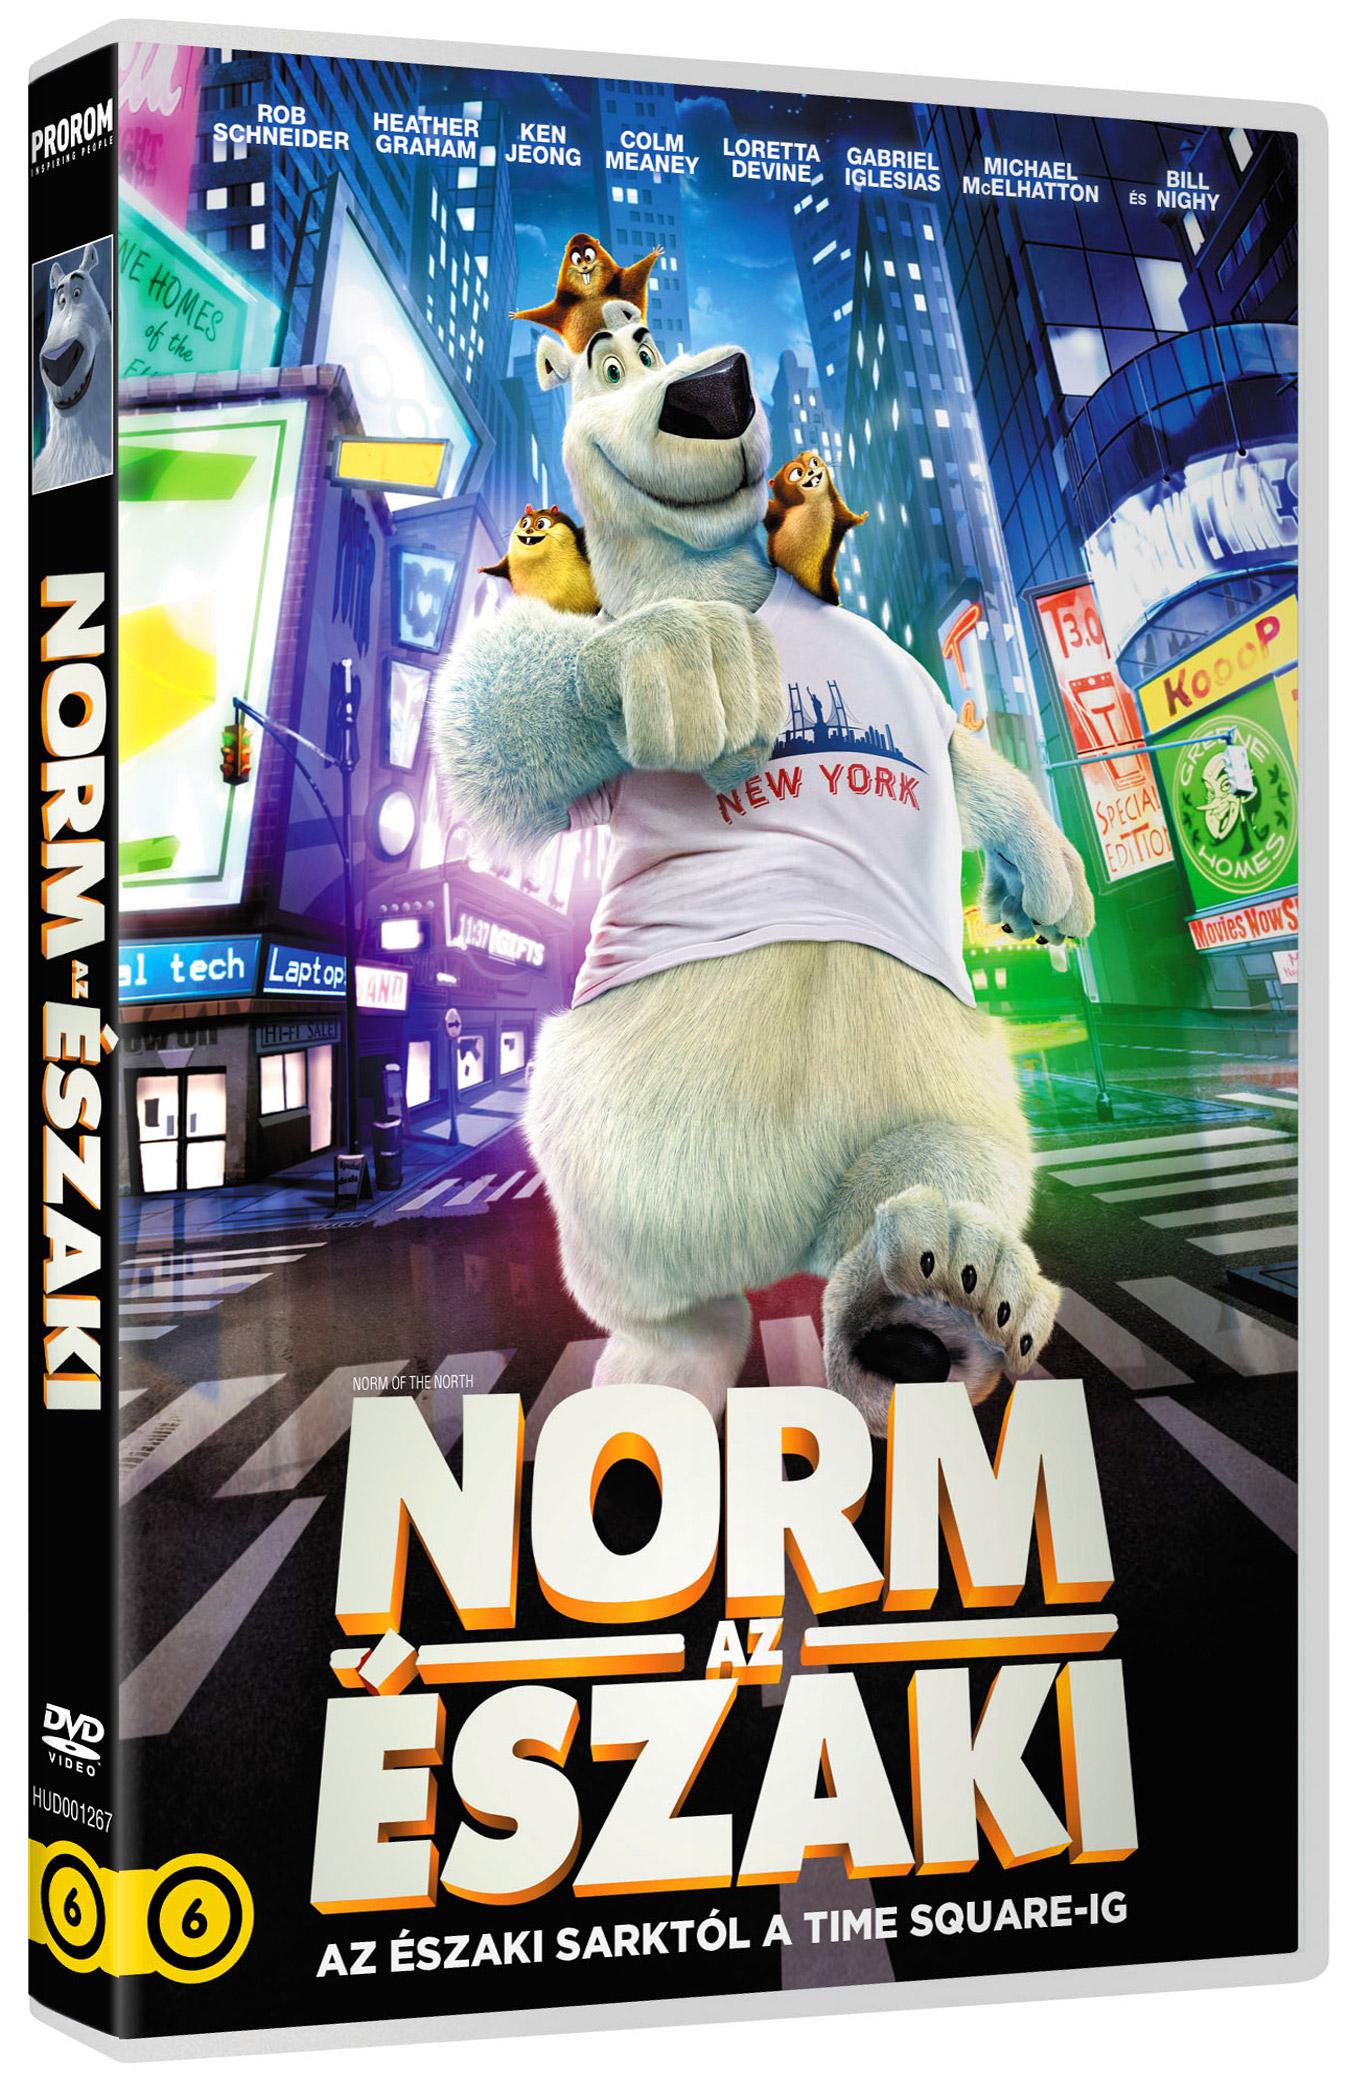 Norm, az �szaki DVD